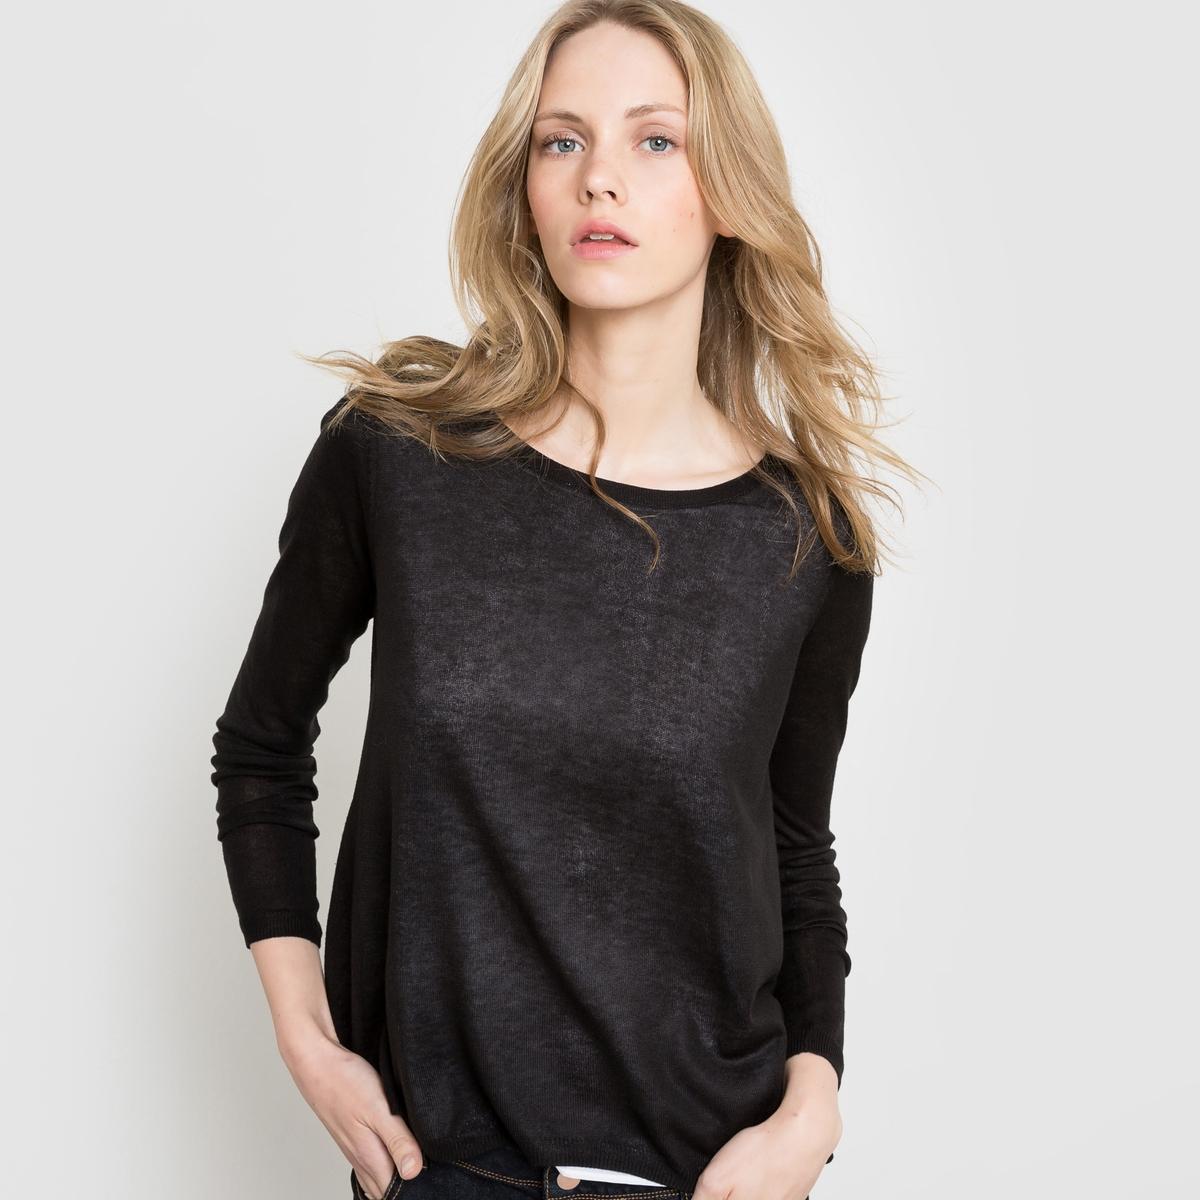 Пуловер с блузкой, 2 в 1Состав и описание:Материал: пуловер 100% акрила, блузка 100% полиэстера.Длина: 66 см.Марка: R Edition.Уход:- Стирать при 30°С с вещами схожих цветов.<br><br>Цвет: серый меланж,черный<br>Размер: 34/36 (FR) - 40/42 (RUS)